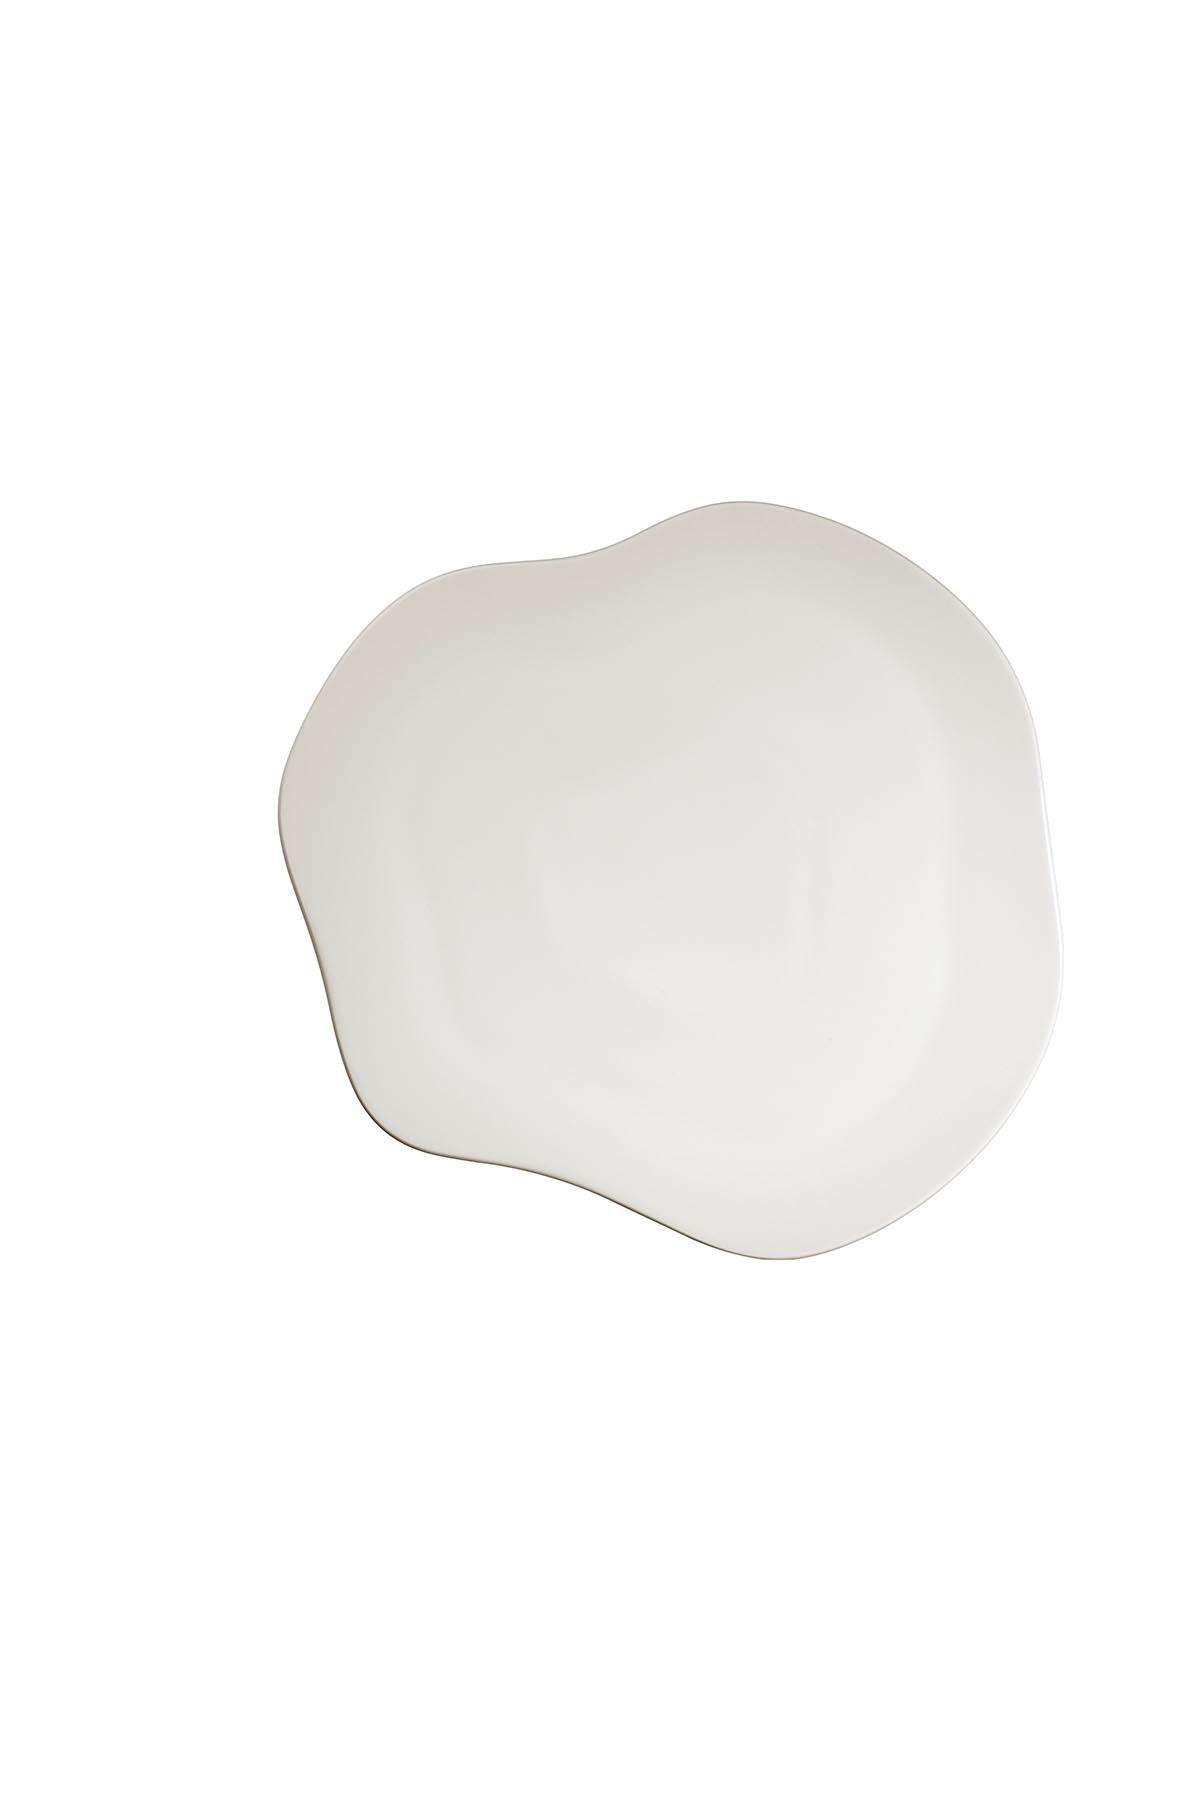 Kütahya Porselen Skallop 34,5 cm Peynir Tabağı Krem